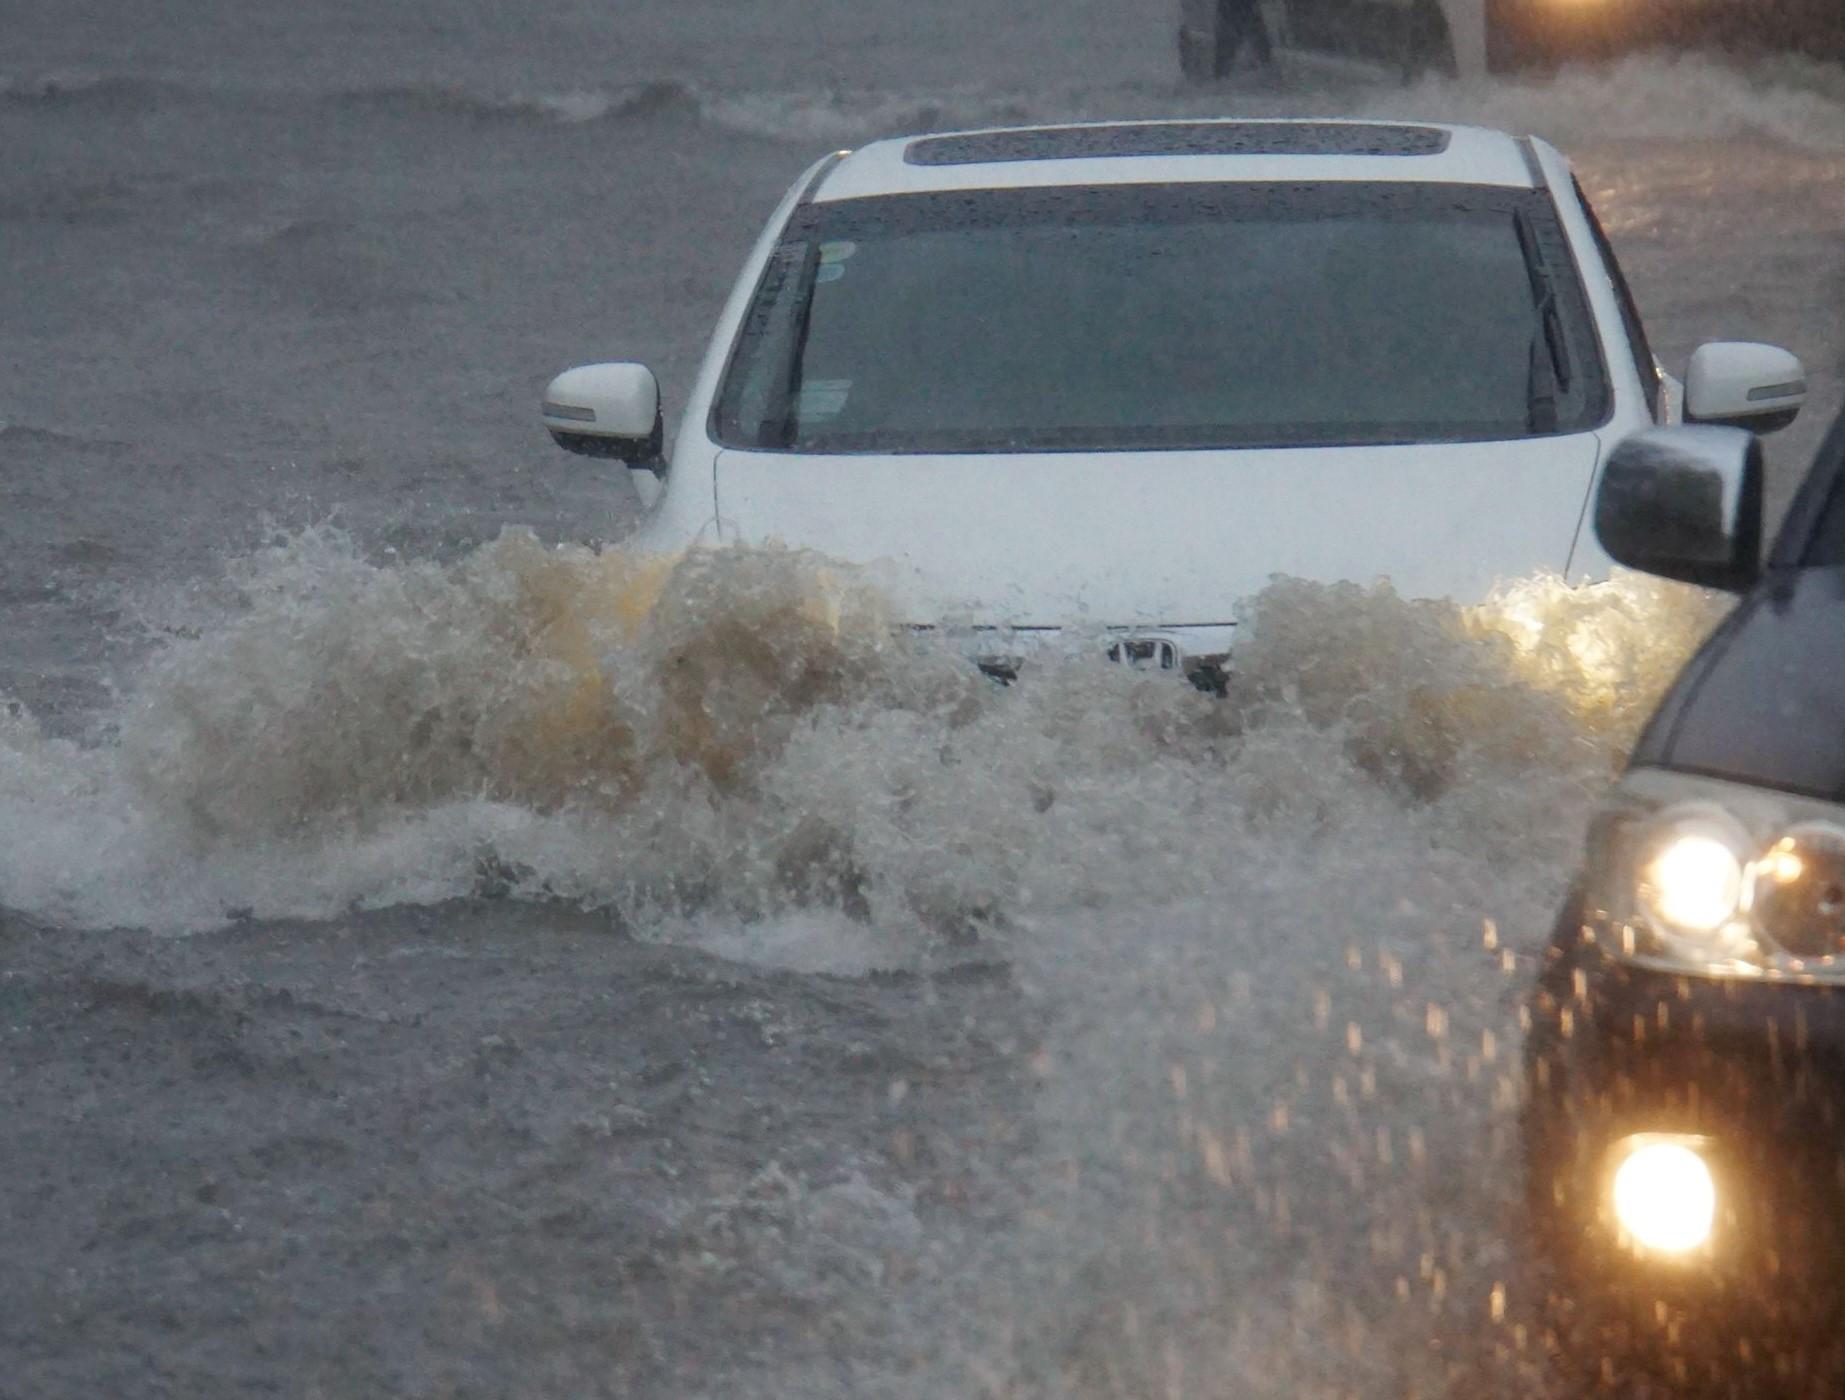 Sài Gòn ngập kinh hoàng, cây ngã đè người đi xe máy tử vong trong tâm bão - Ảnh 8